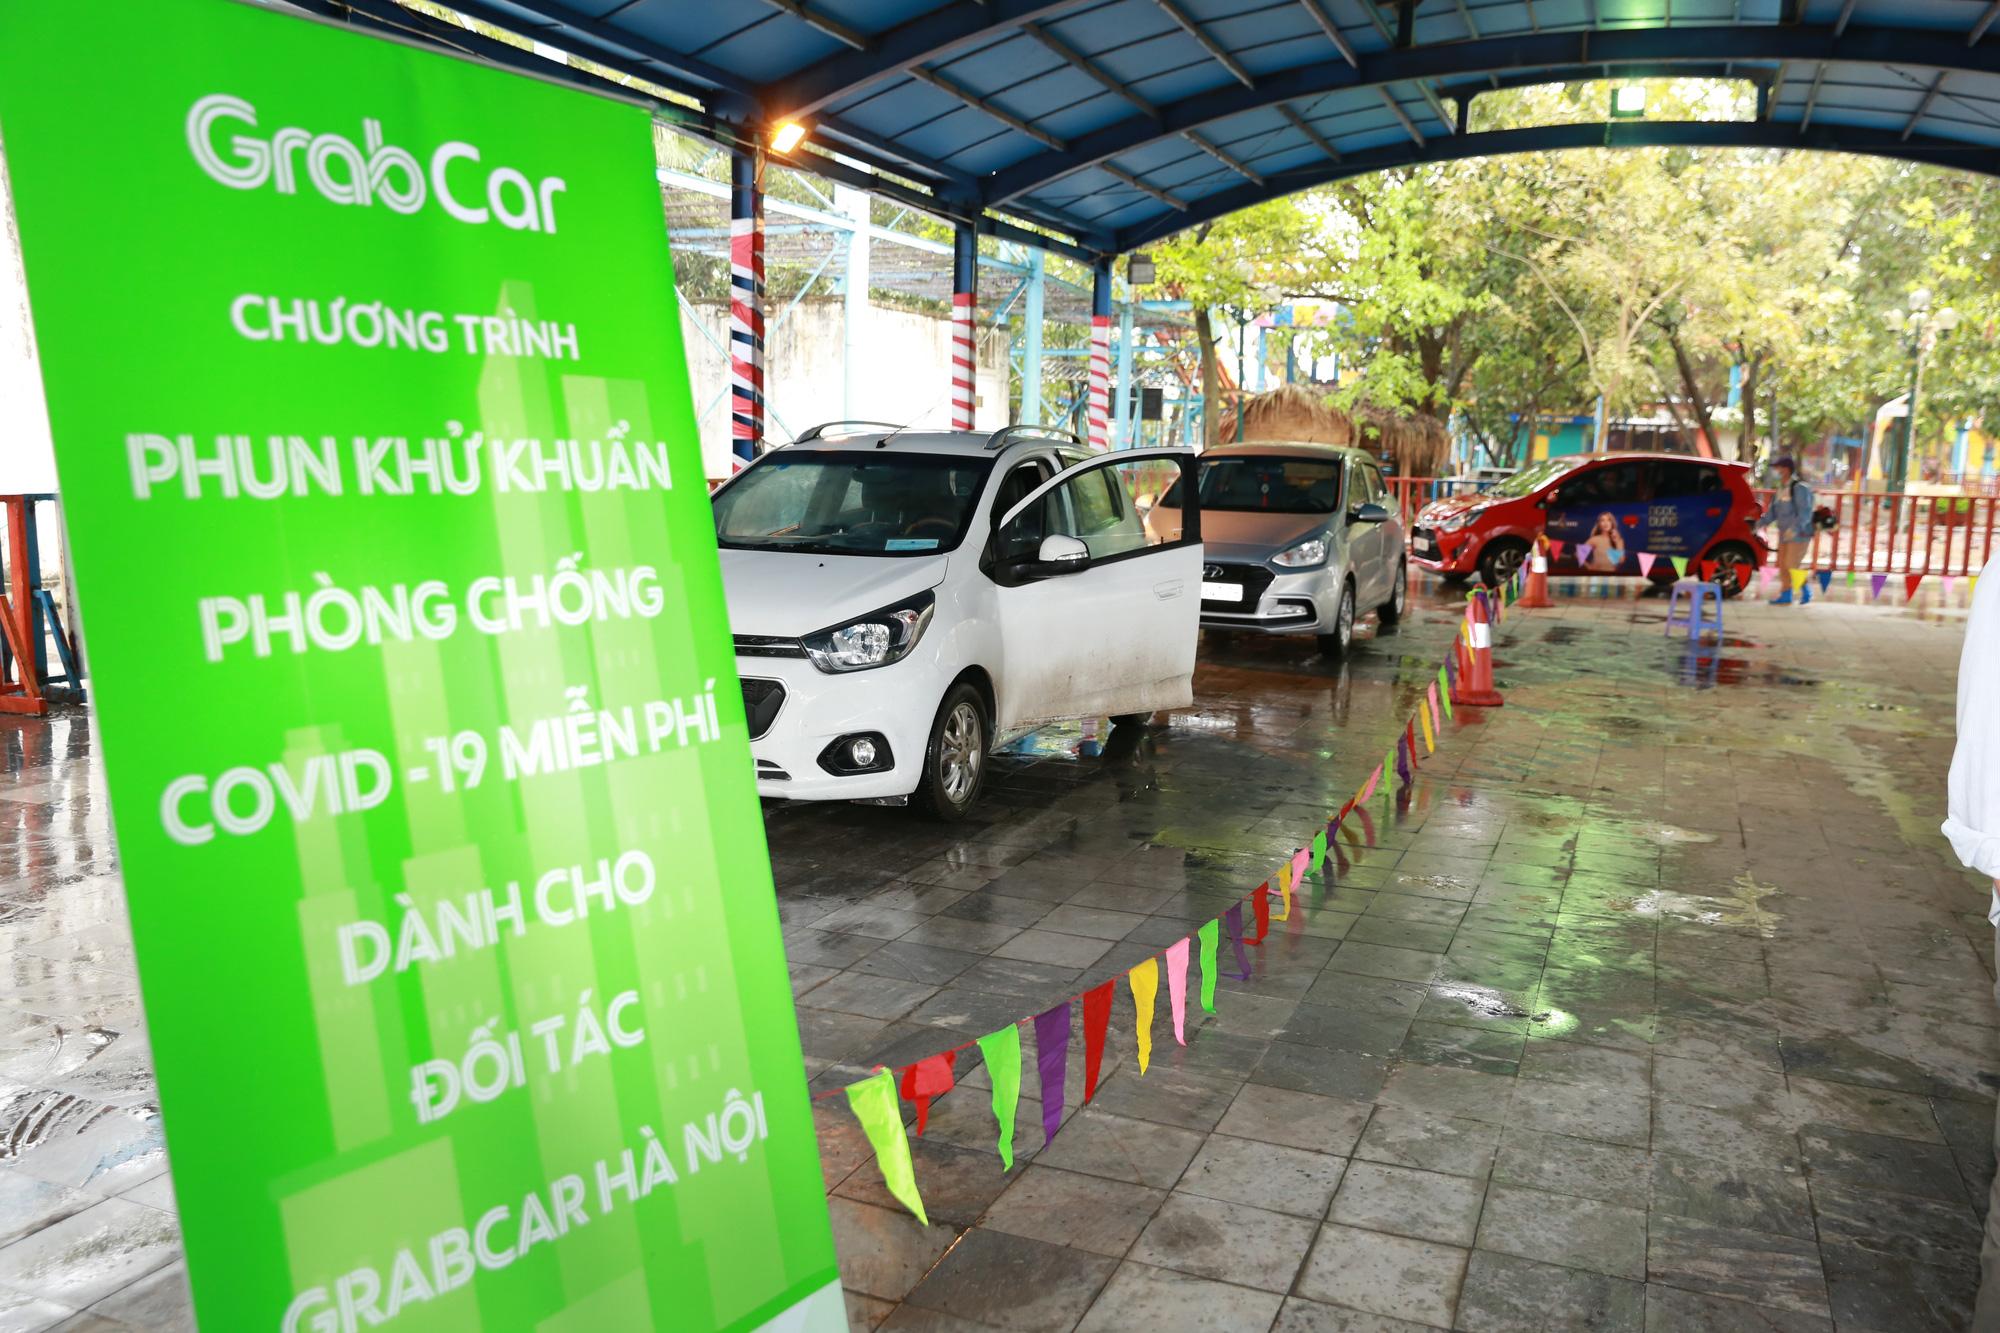 Grab phun khử khuẩn hàng trăm xe GrabCar, phát miễn phí hàng nghìn khẩu trang, bộ quà tặng an toàn cho các tài xế để chống dịch Covid - 19 - Ảnh 2.